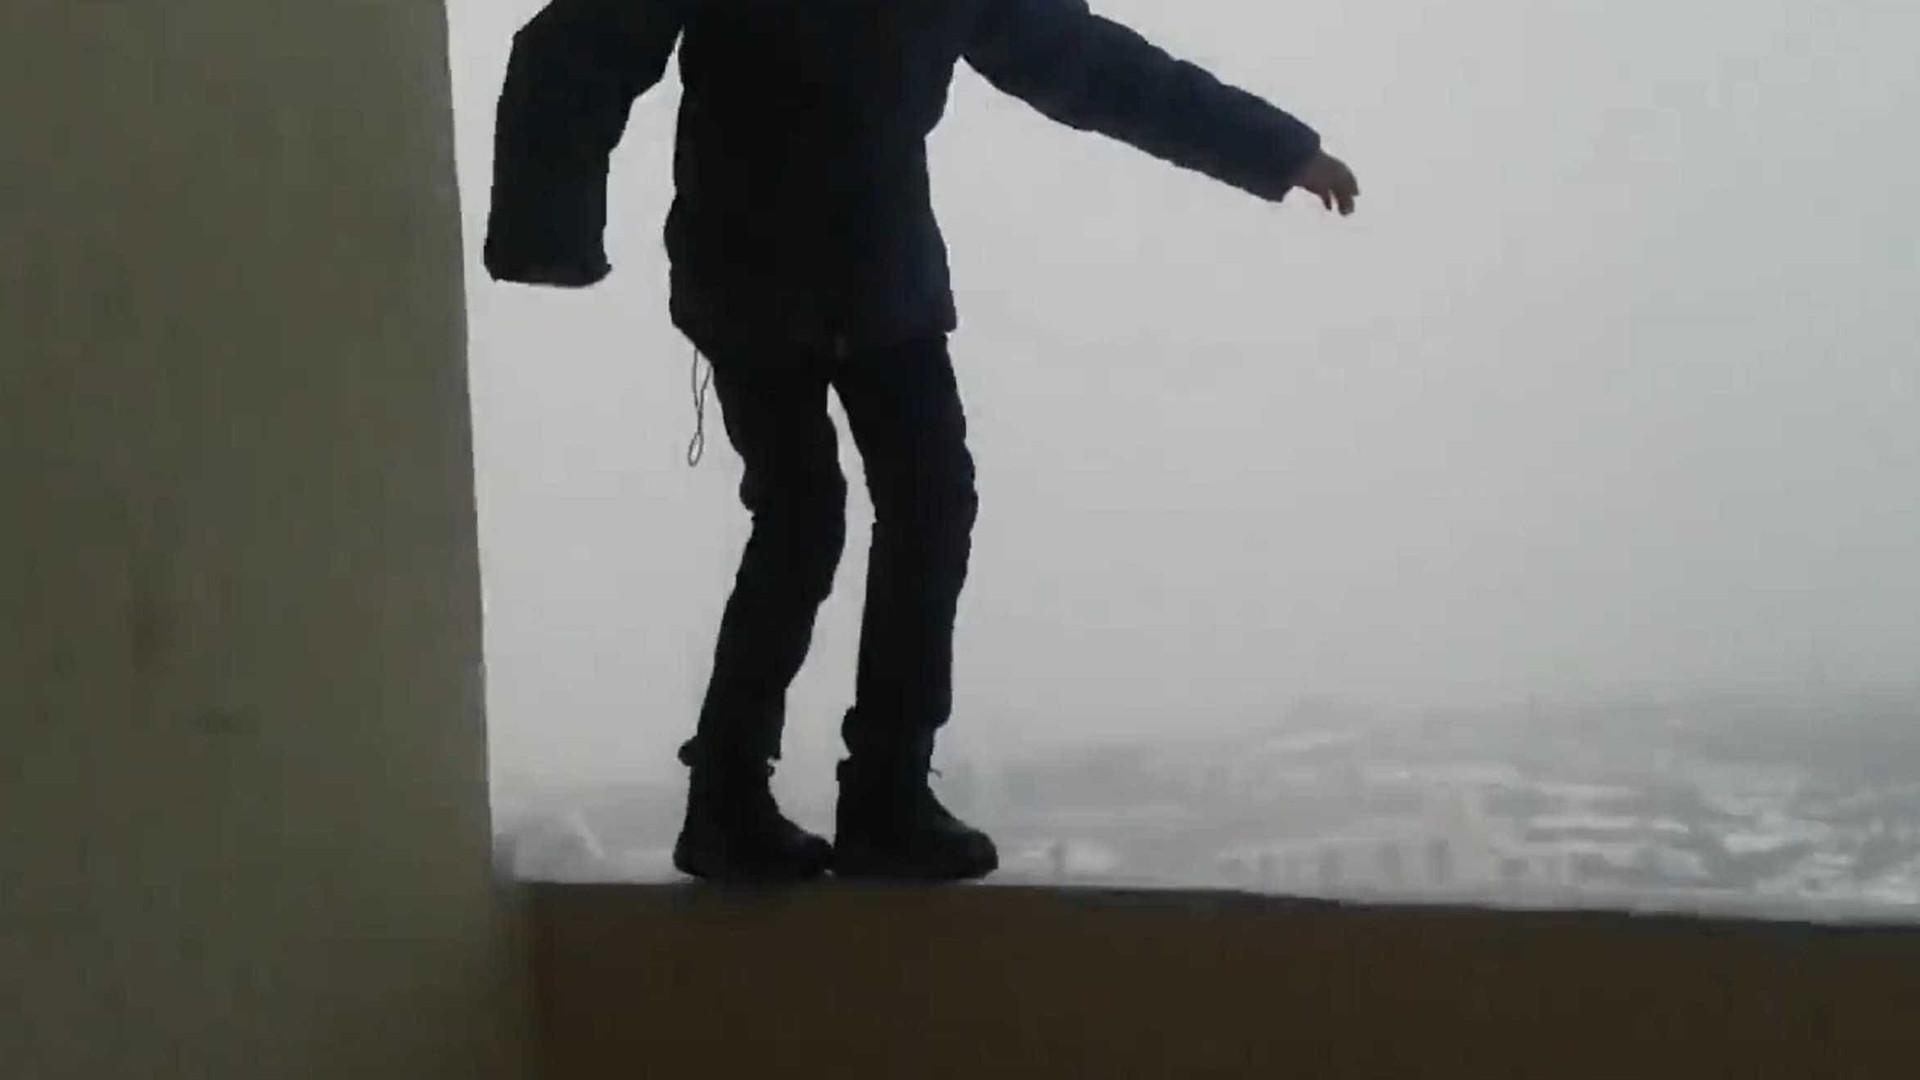 Brincadeira com criança em varanda no 25.º andar está a chocar a internet